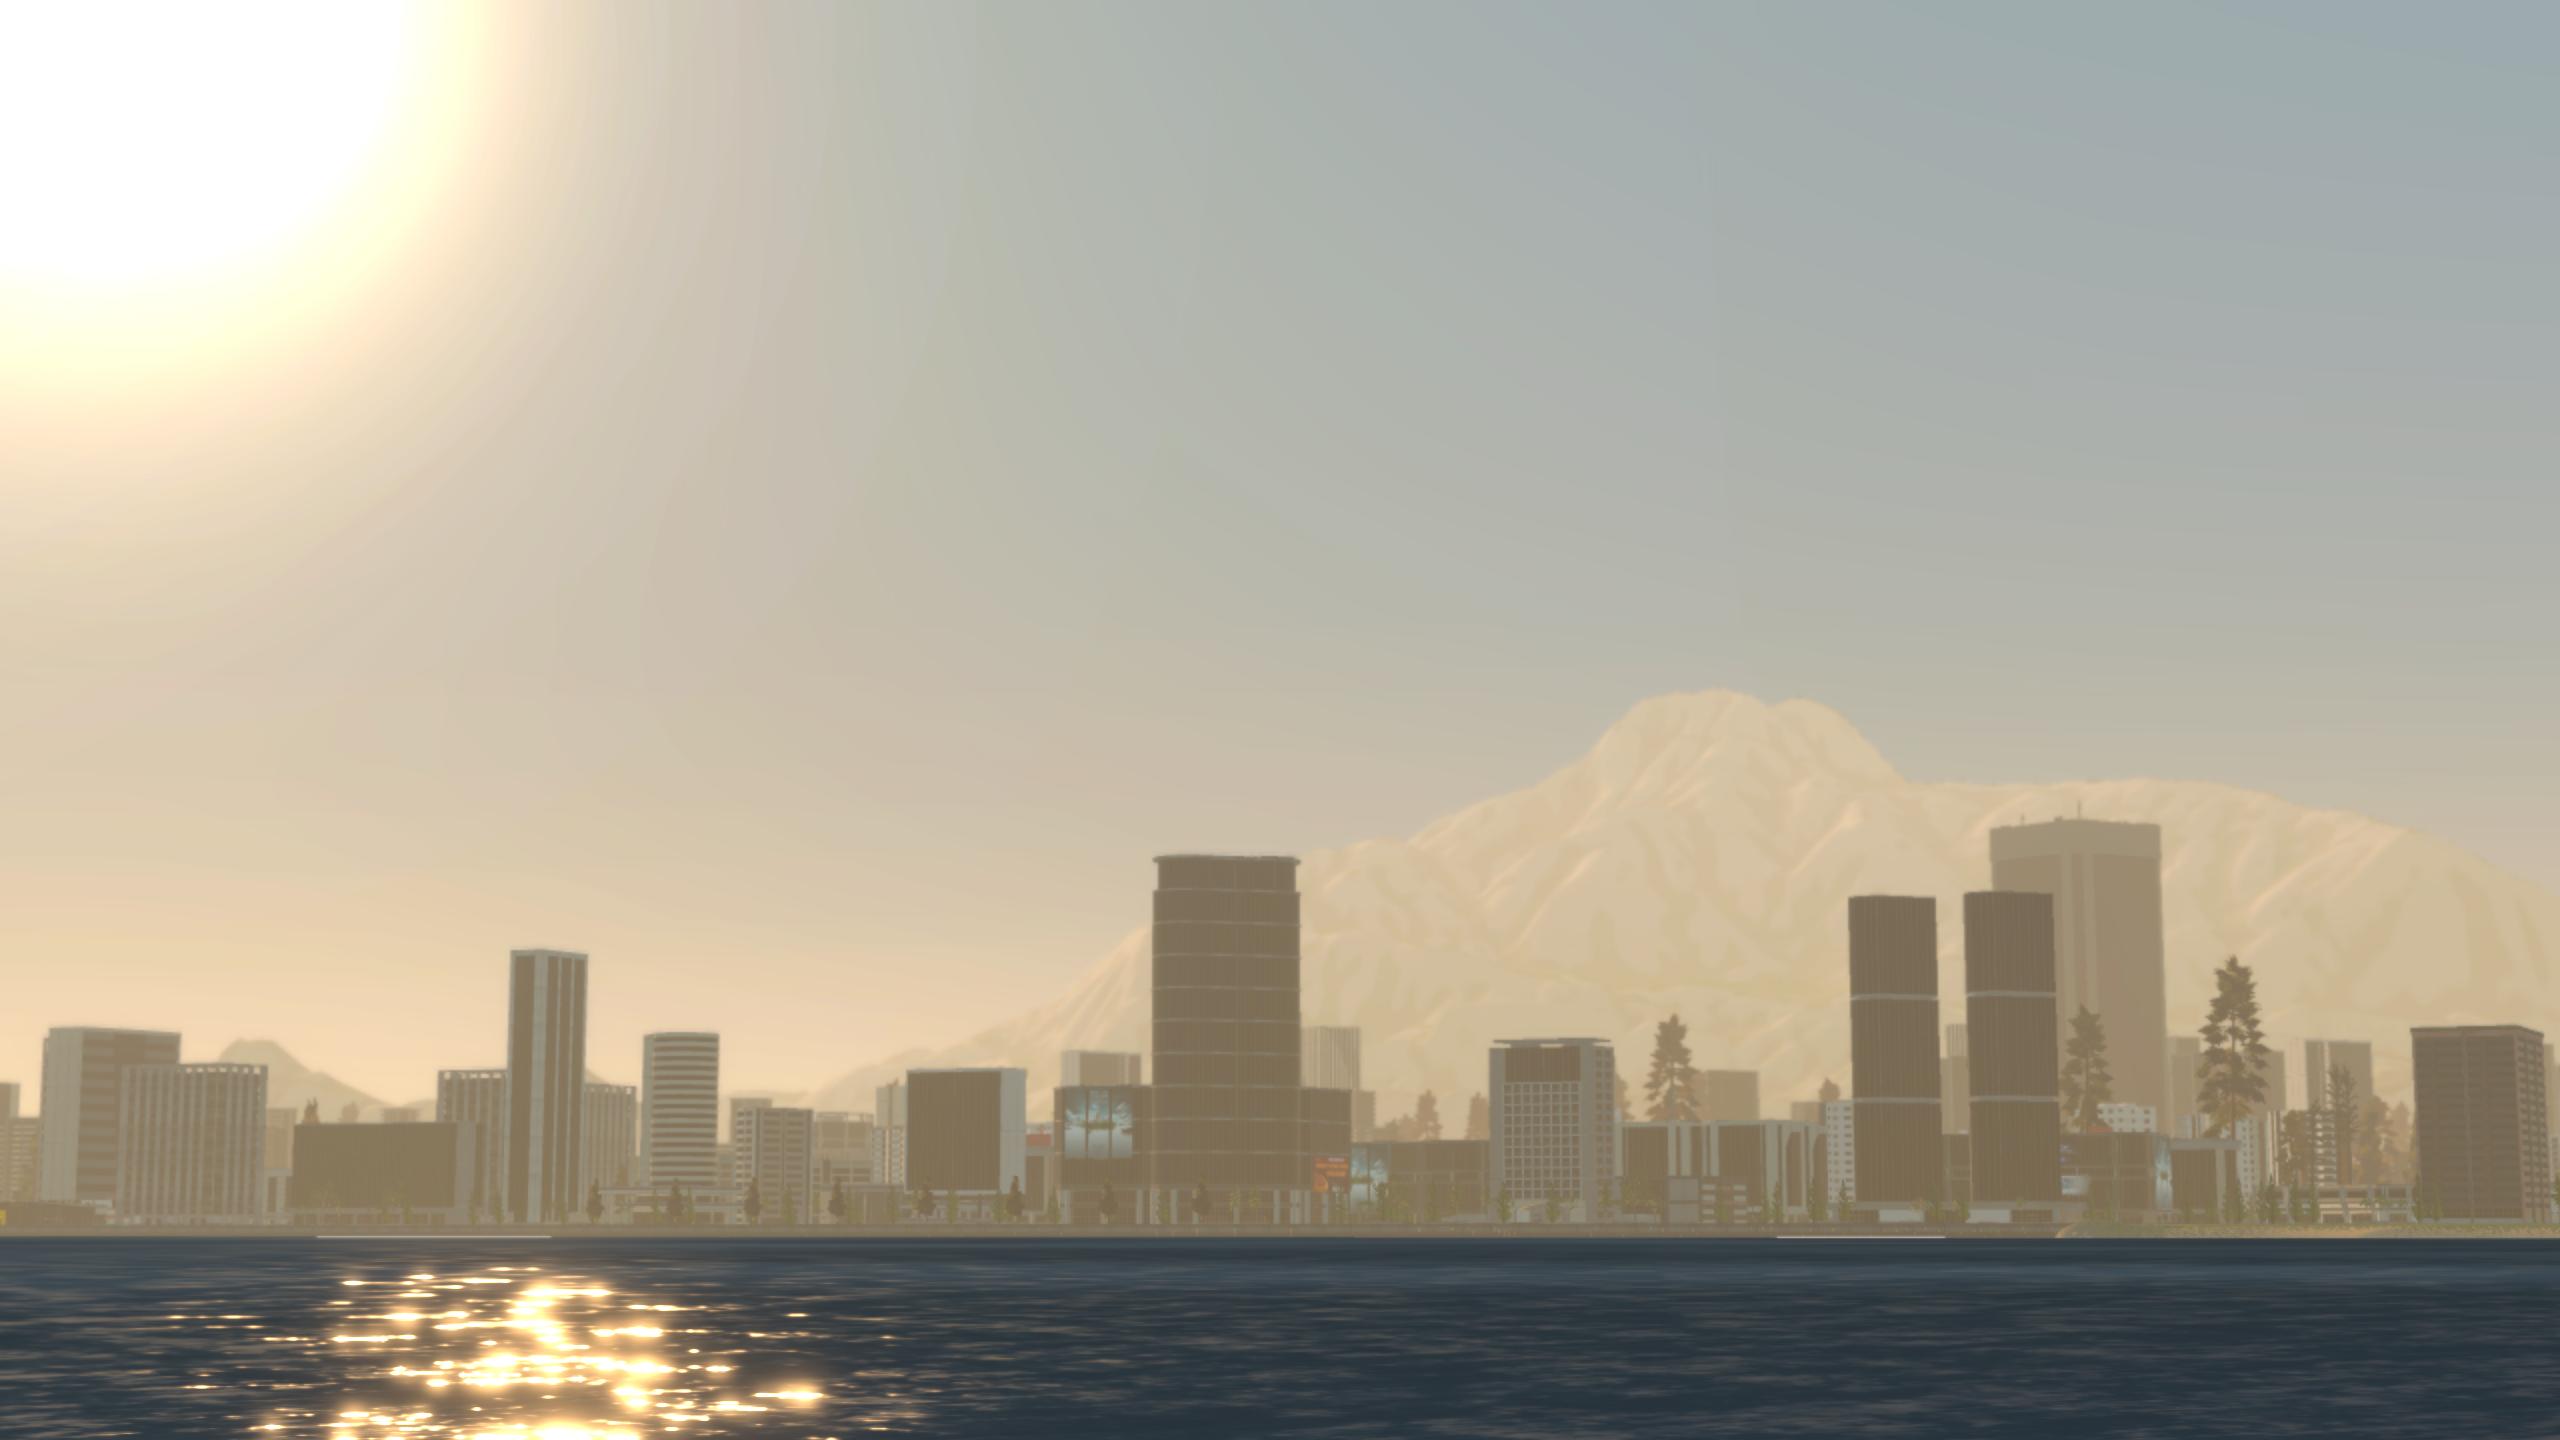 Alt: City Online. Как я в одиночку создавал «Gta Online» для мобильных устройств. Часть 1 - 2